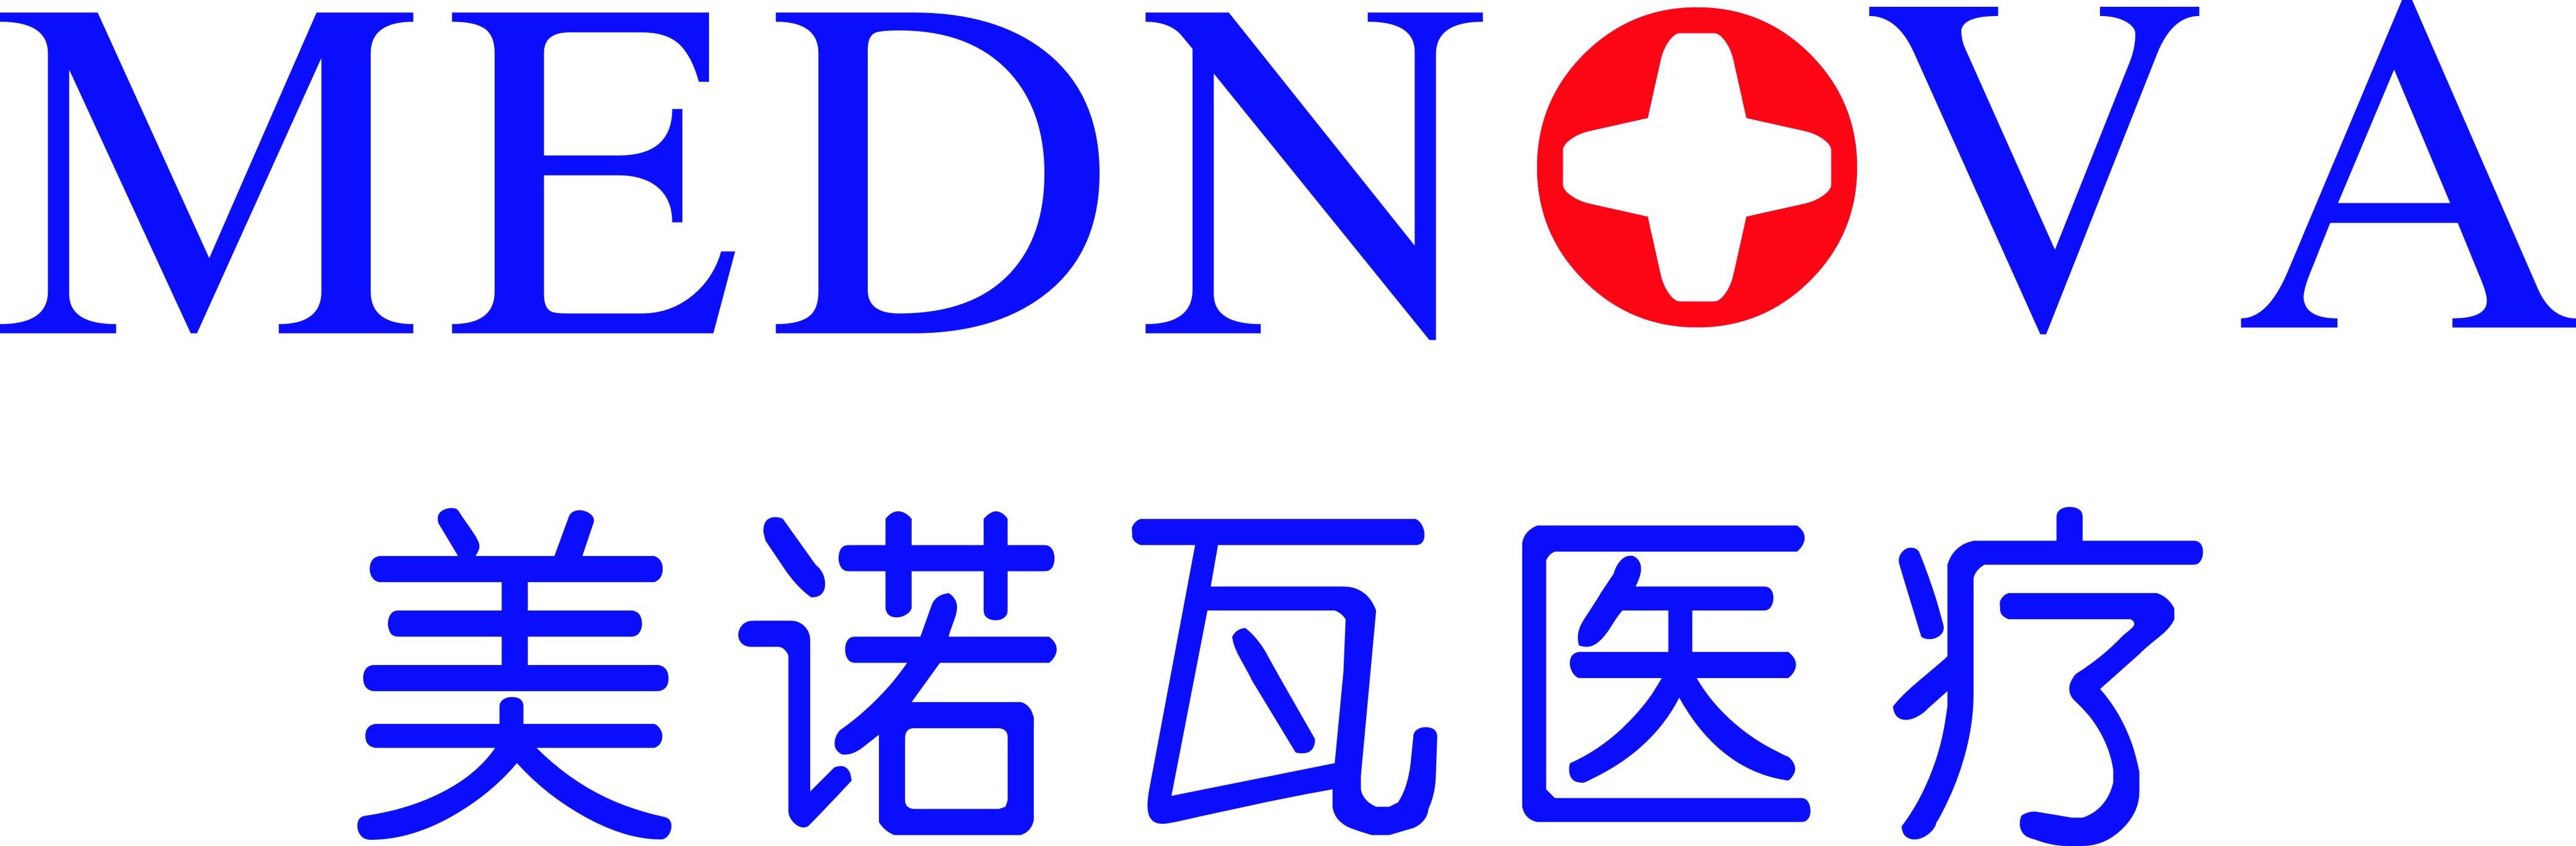 杭州美诺瓦医疗科技有限公司